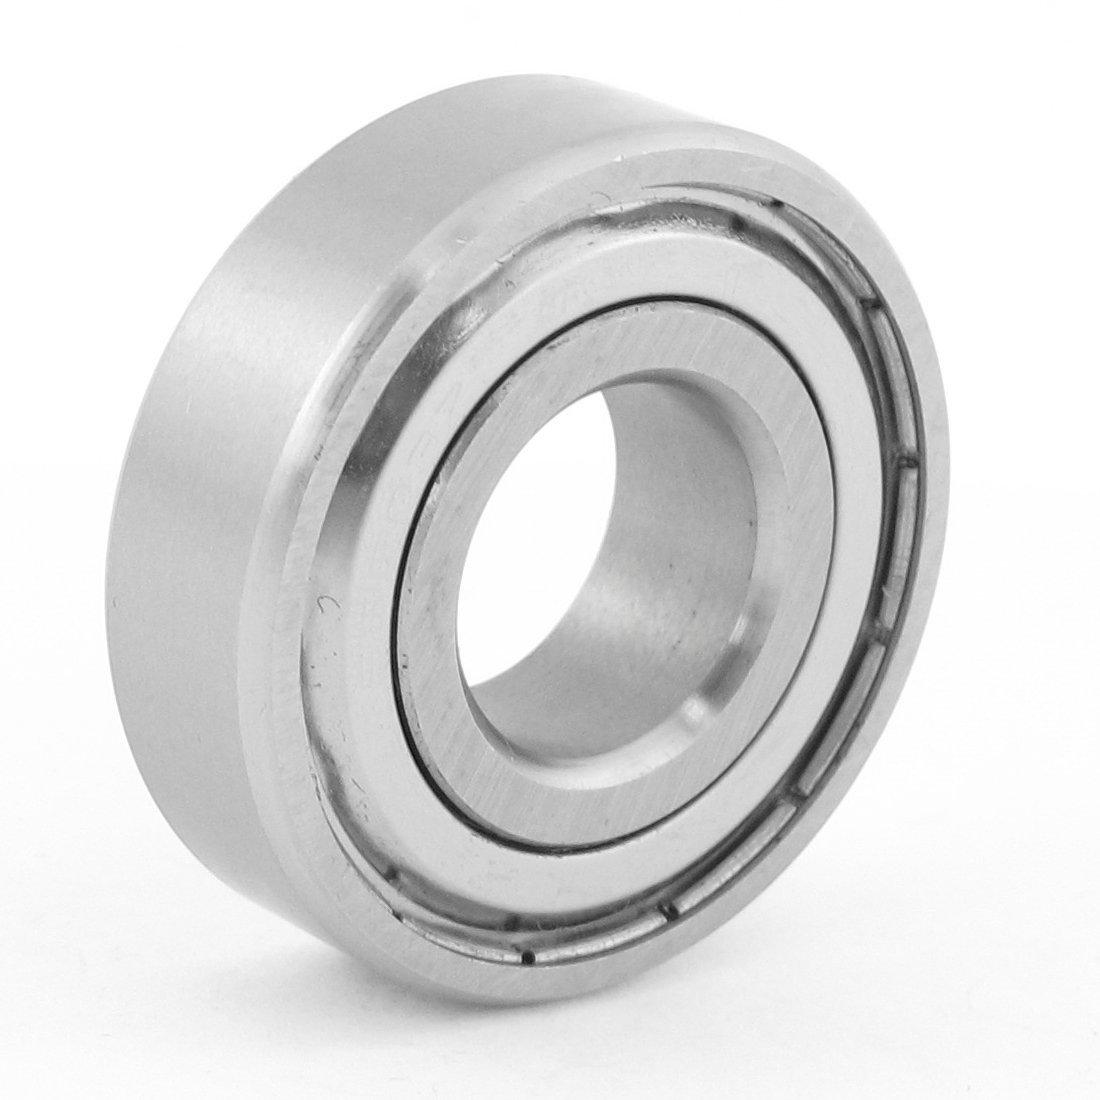 eDealMax Acero inoxidable DE 39 mm x 17 mm x 12 mm cerrados ...